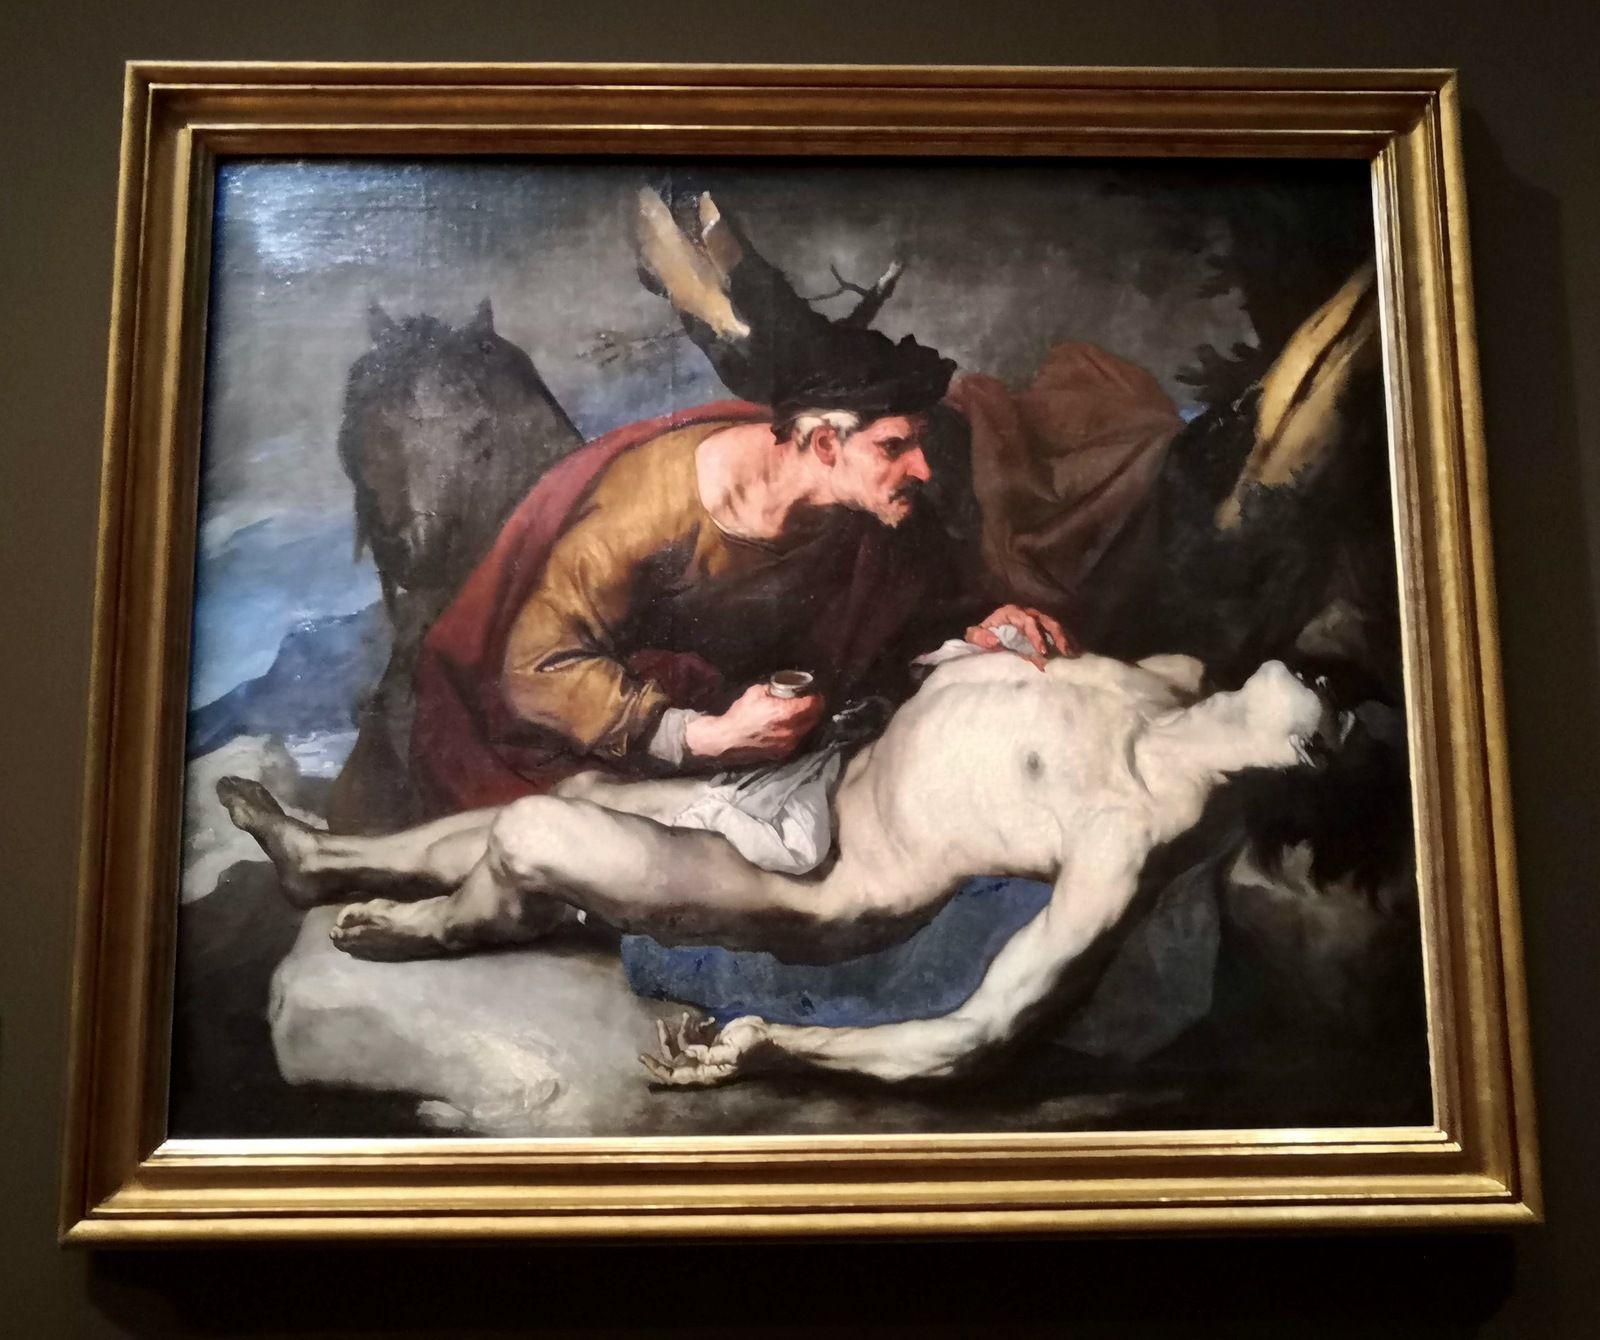 Luca Giordano, le bon Samaritain, 1660, Huile sur toile, Rouen, Musée des Beaux-Arts